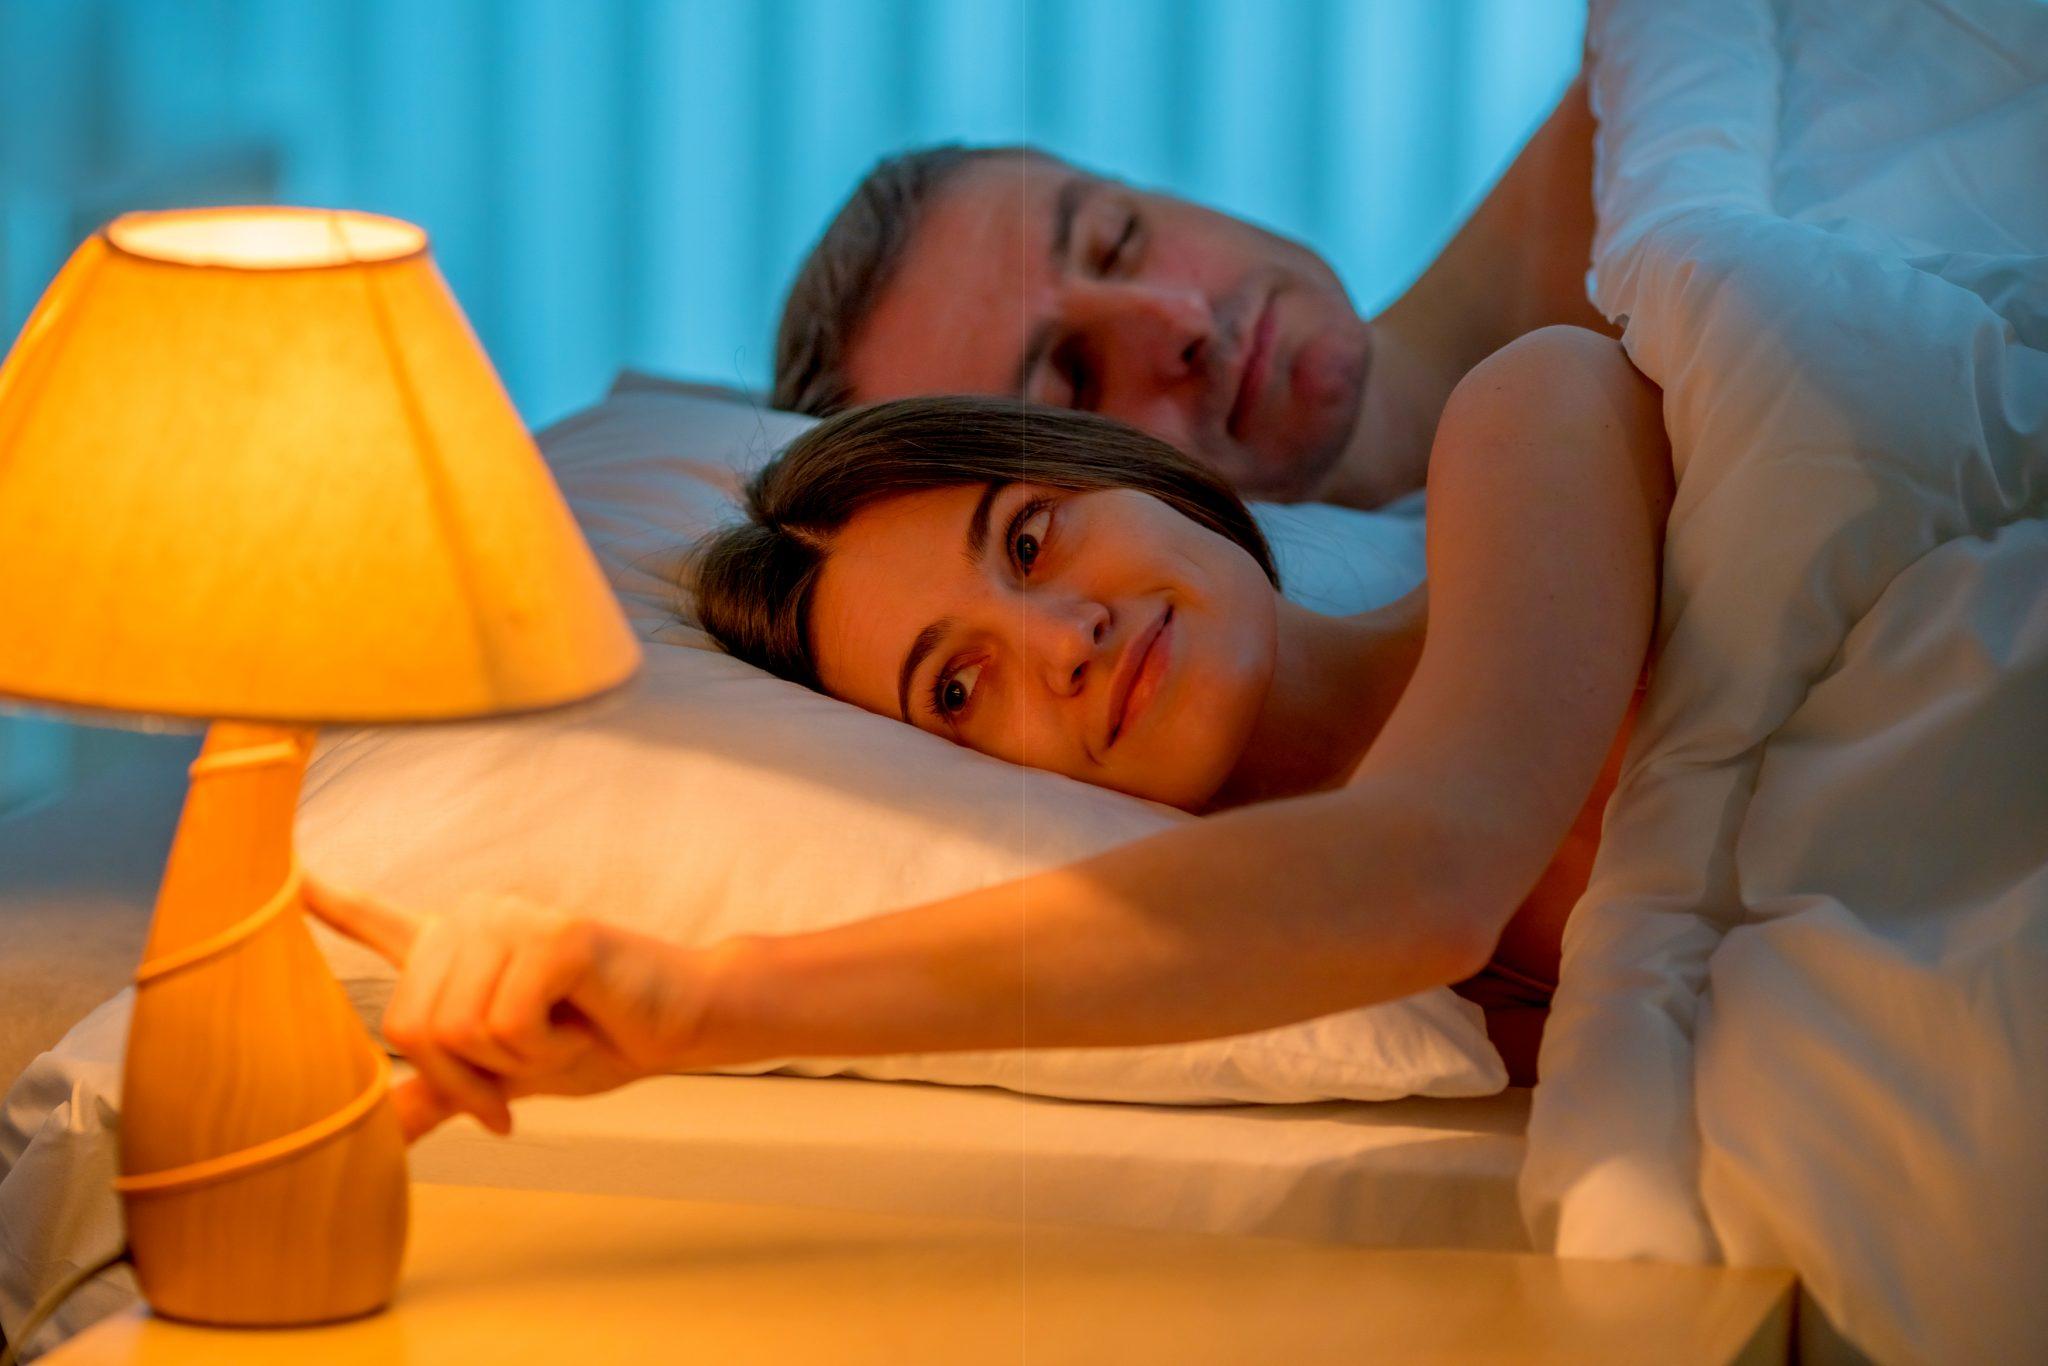 就寝前に電気を消している女性